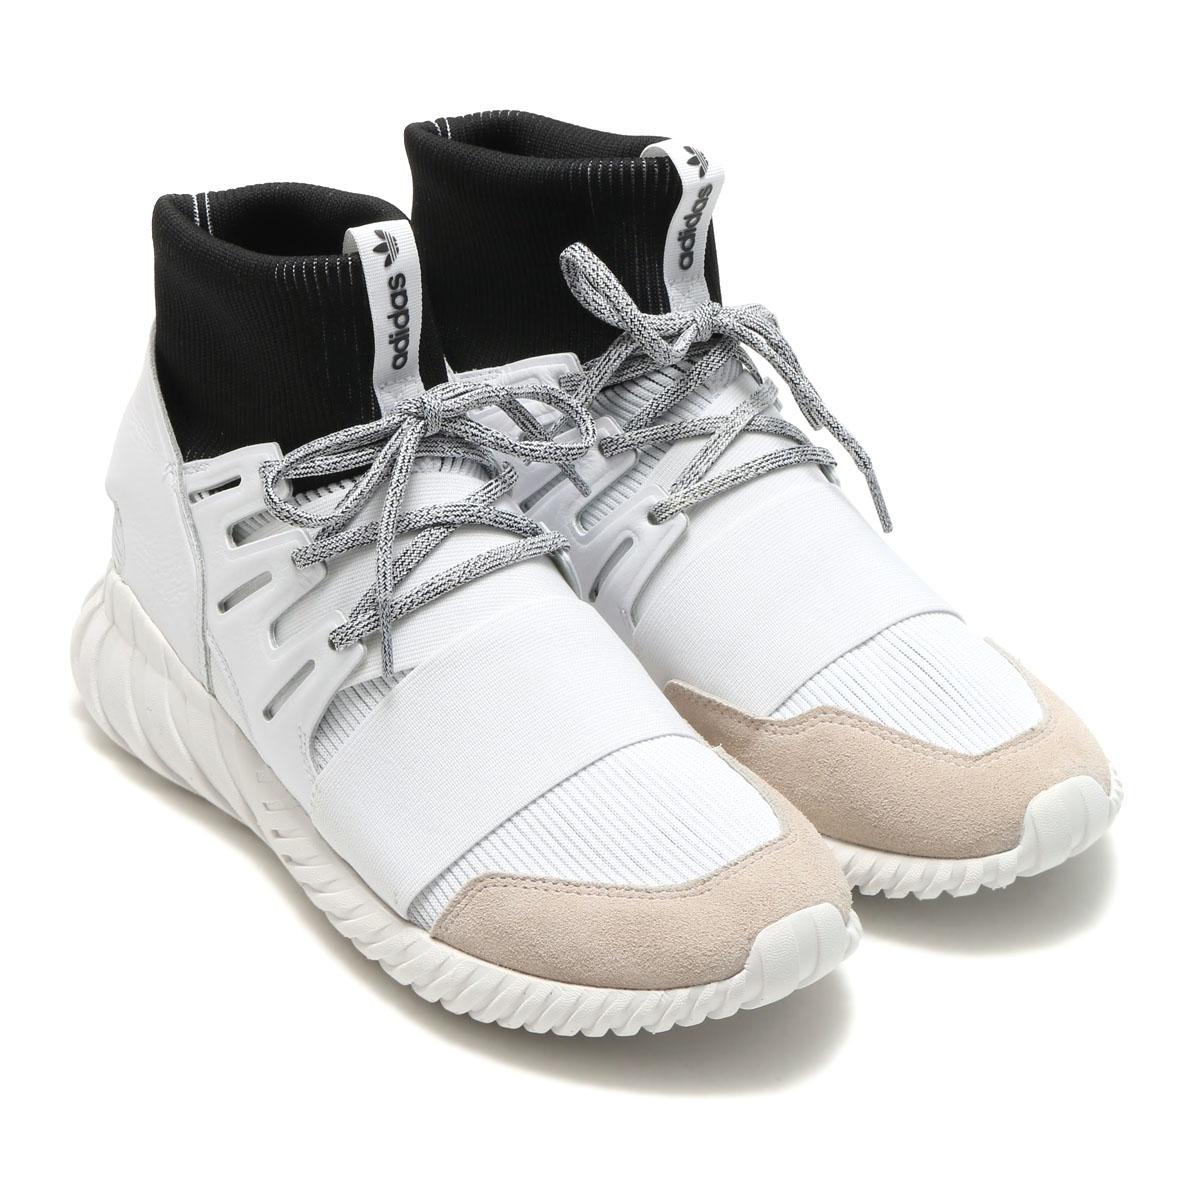 adidas TUBULAR DOOM(アディダス チューブラー ドーム)(RUNNING WHITE)17FW-I